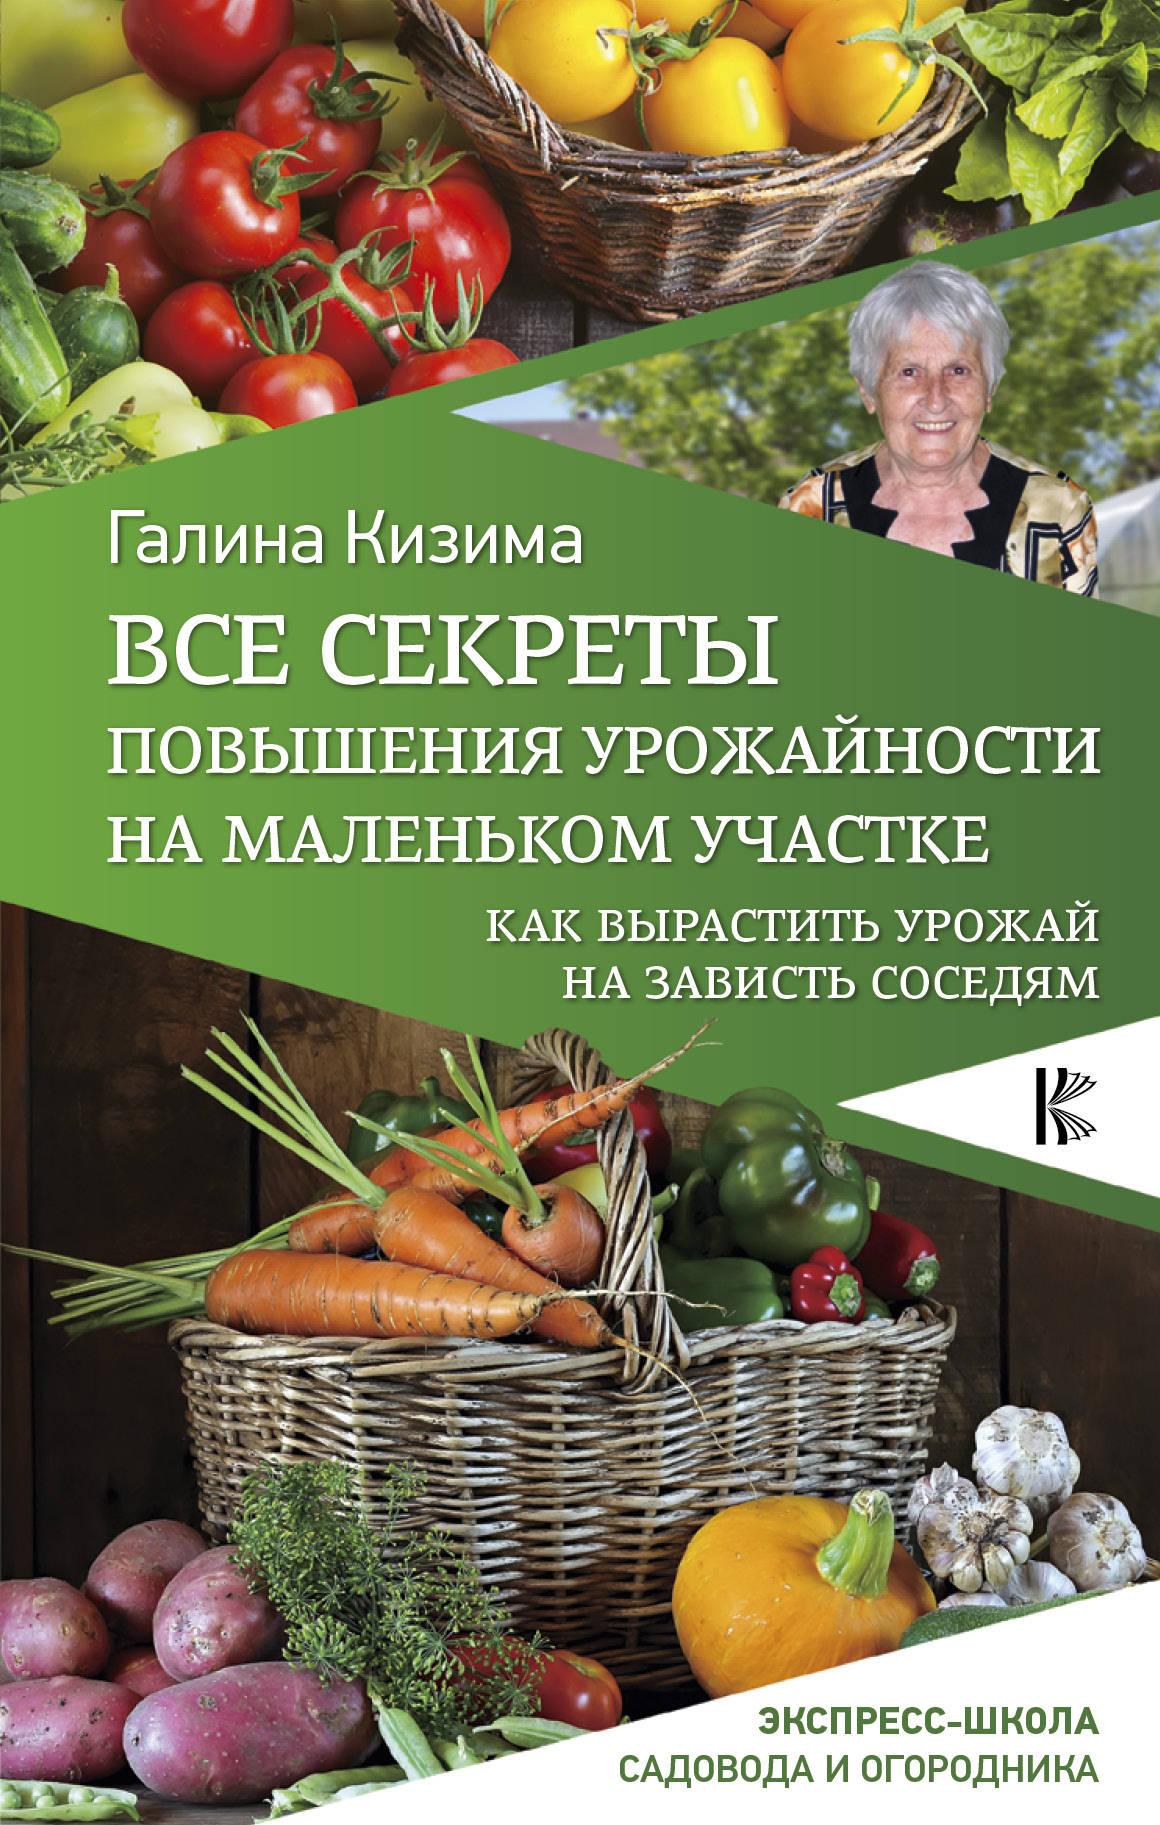 Кизима Г.А. Все секреты повышения урожайности на маленьком участке. Как вырастить урожай на зависть соседям елена александровна власова ряды